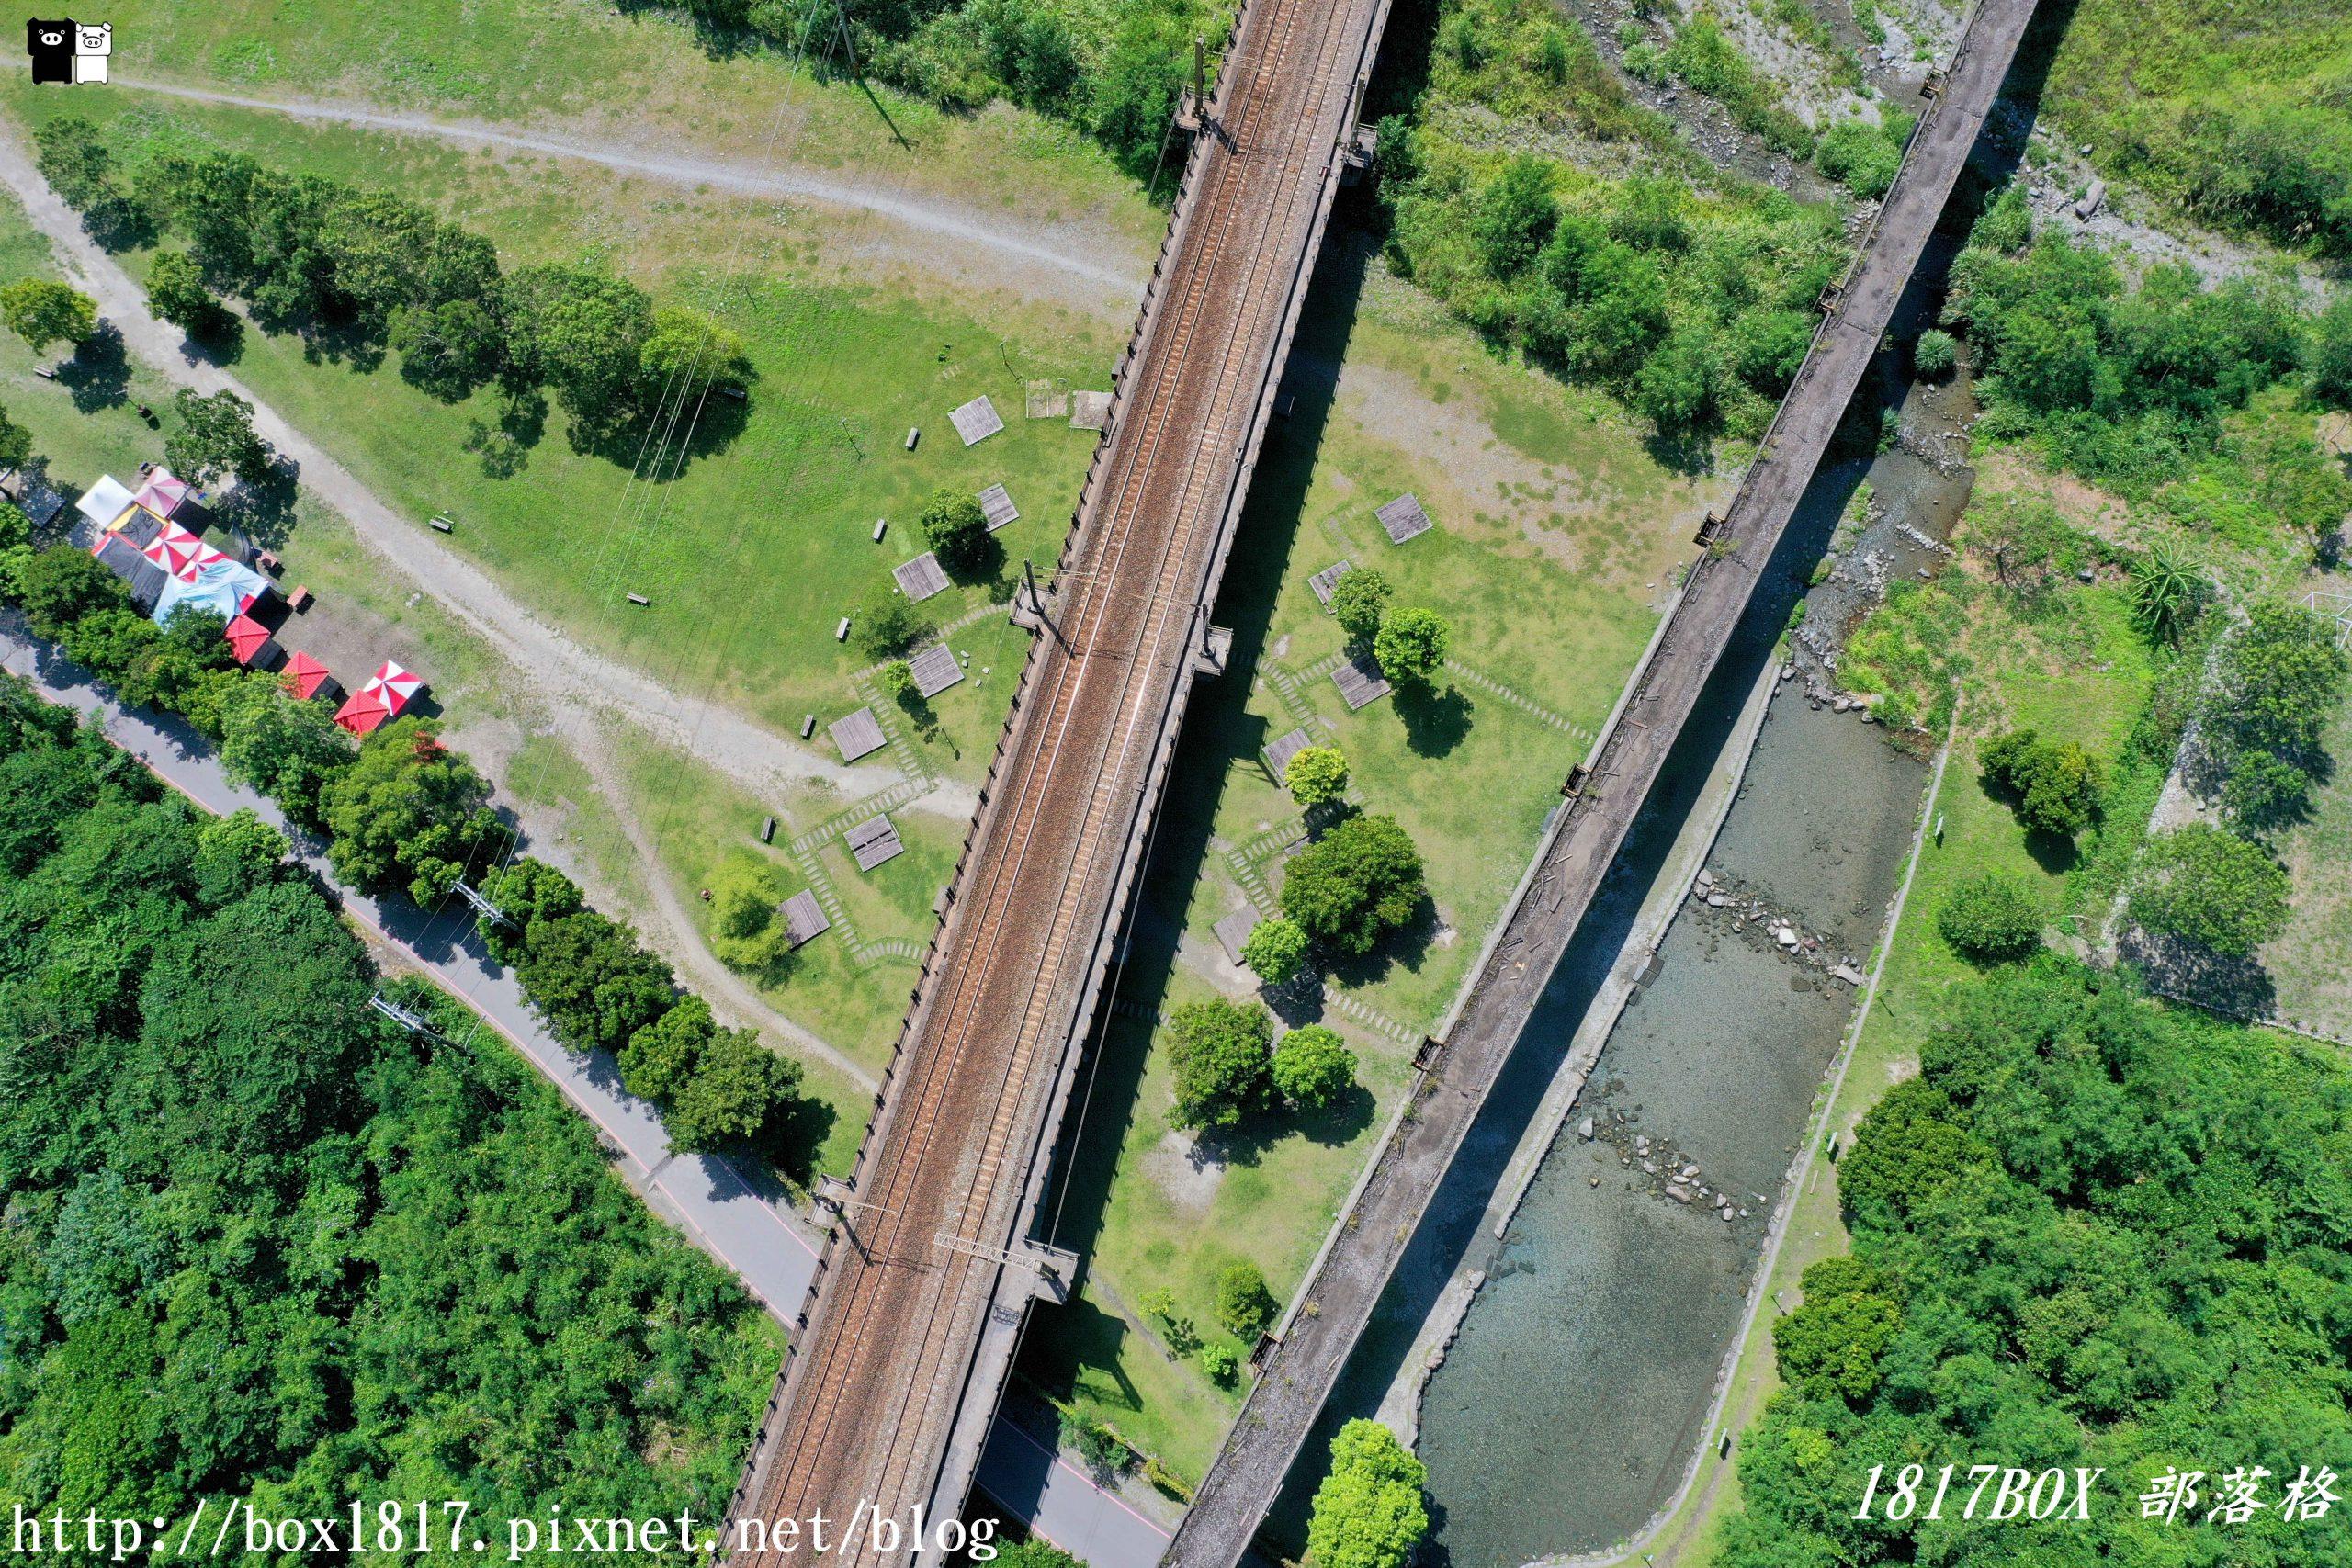 【宜蘭。南澳】東岳湧泉。溪水清澈見底。 14度天然冷泉 @1817BOX部落格